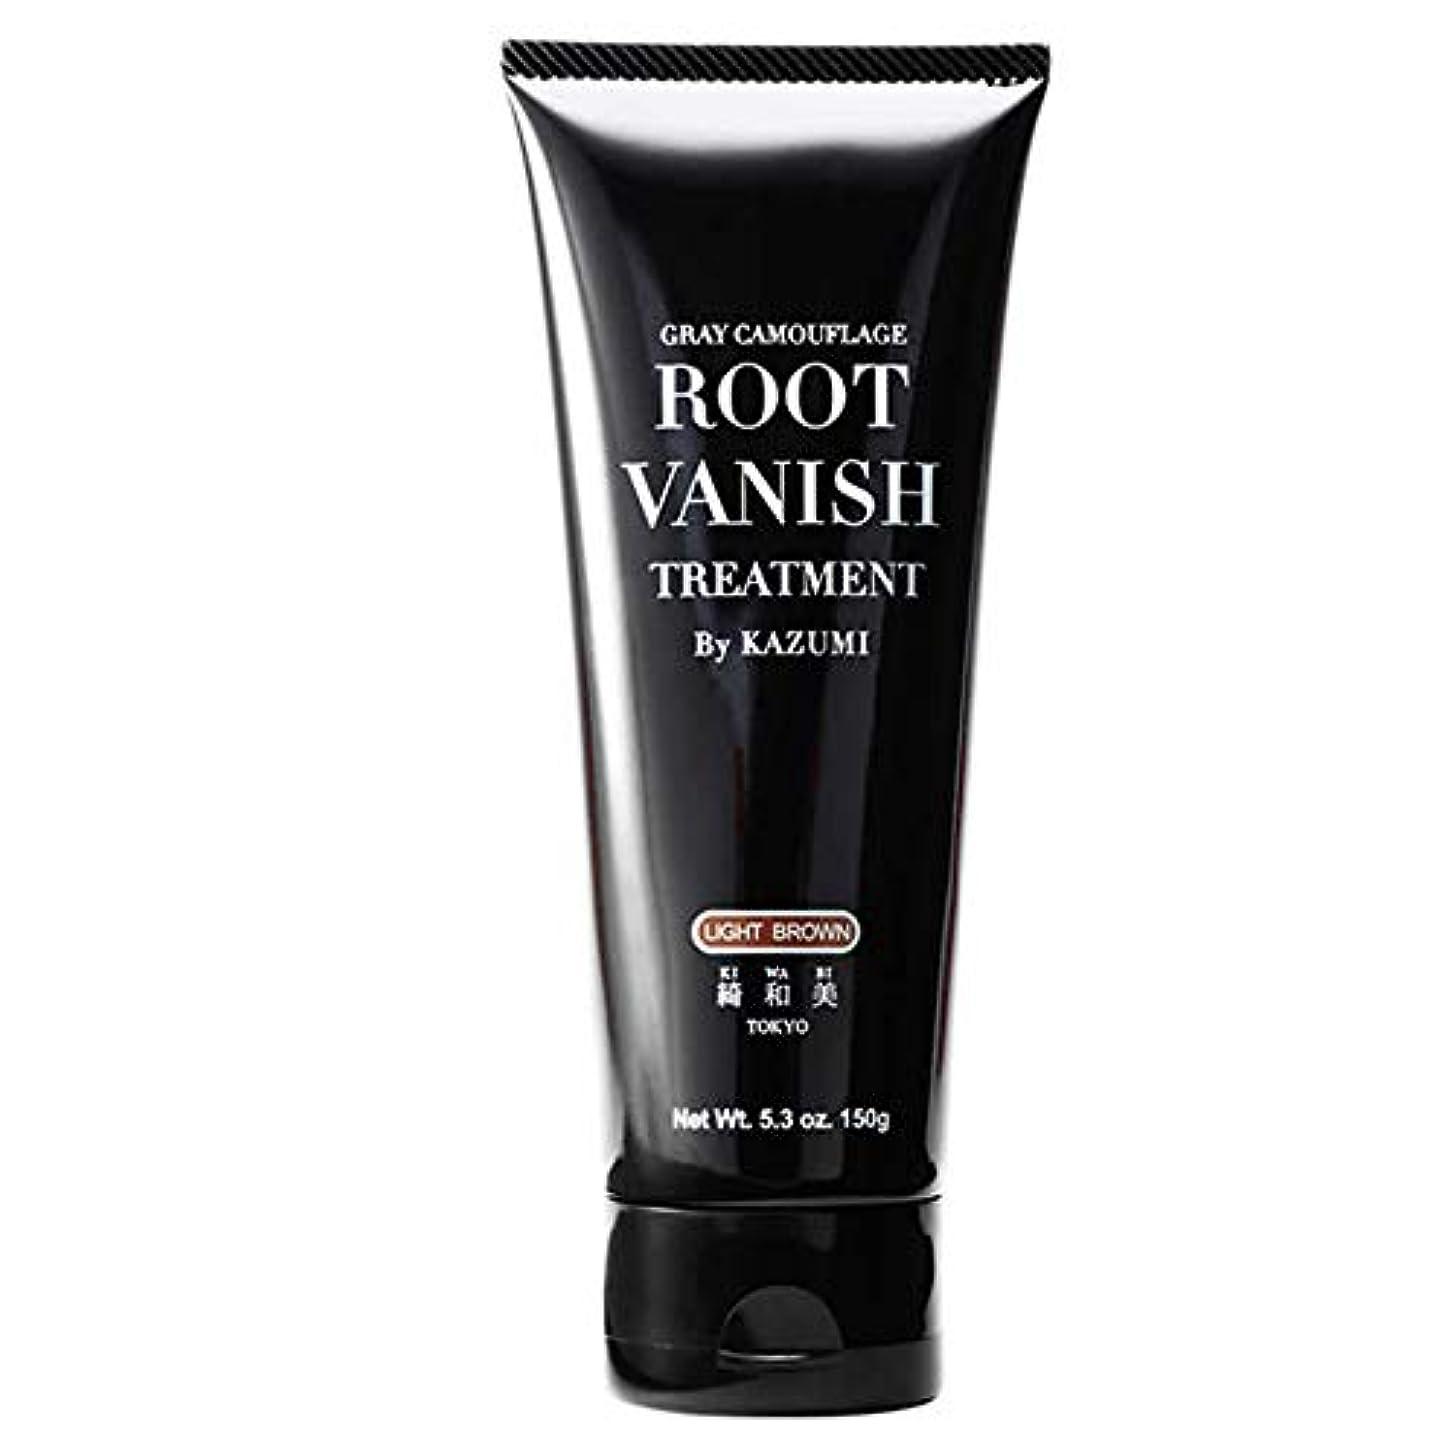 振り子野球パースブラックボロウRoot Vanish 白髪染め (ライトブラウン) ヘアカラートリートメント 女性用 [100%天然成分 / 無添加22種類の植物エキス配合]